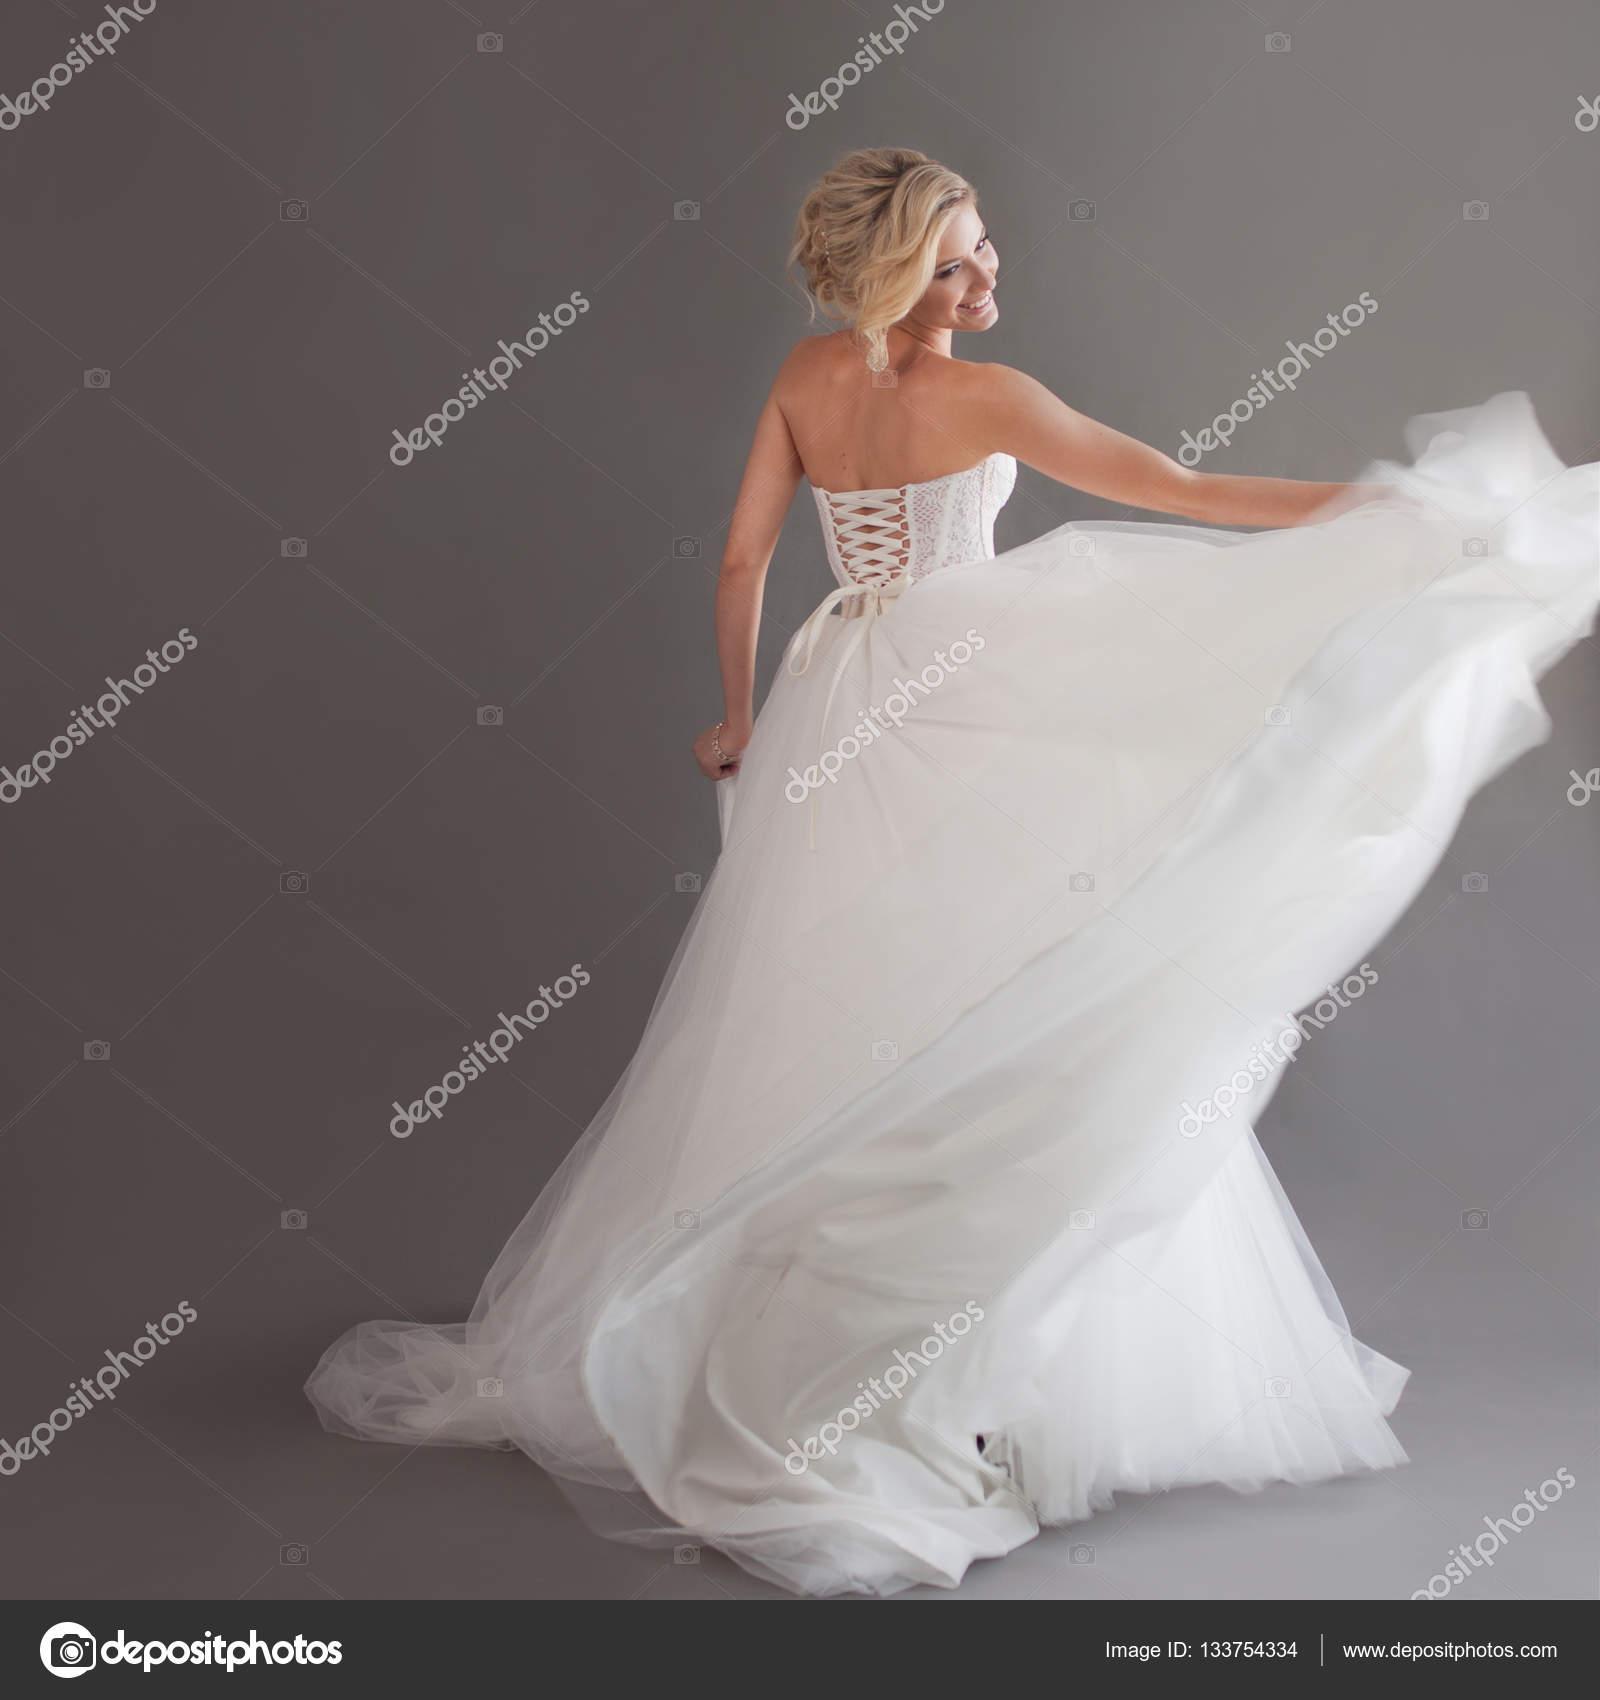 Девушка в роскошном свадебном платье